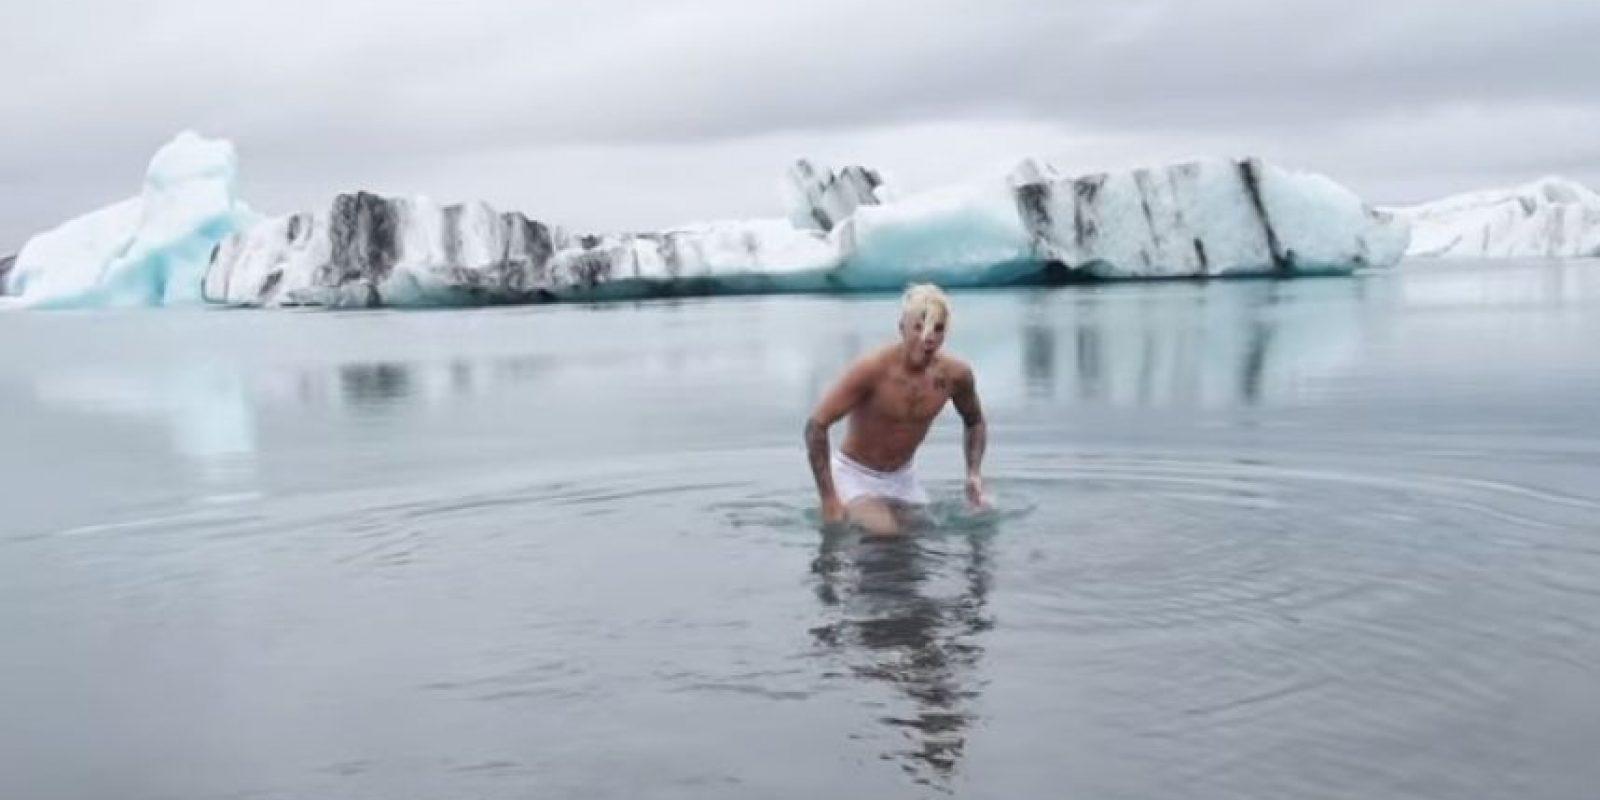 """Los operadores aseguran que no hay reglas con la natación, pero que resulta """"estúpido"""" que alguien nade en el lugar. Foto:YouTube/justinbiebervevo"""